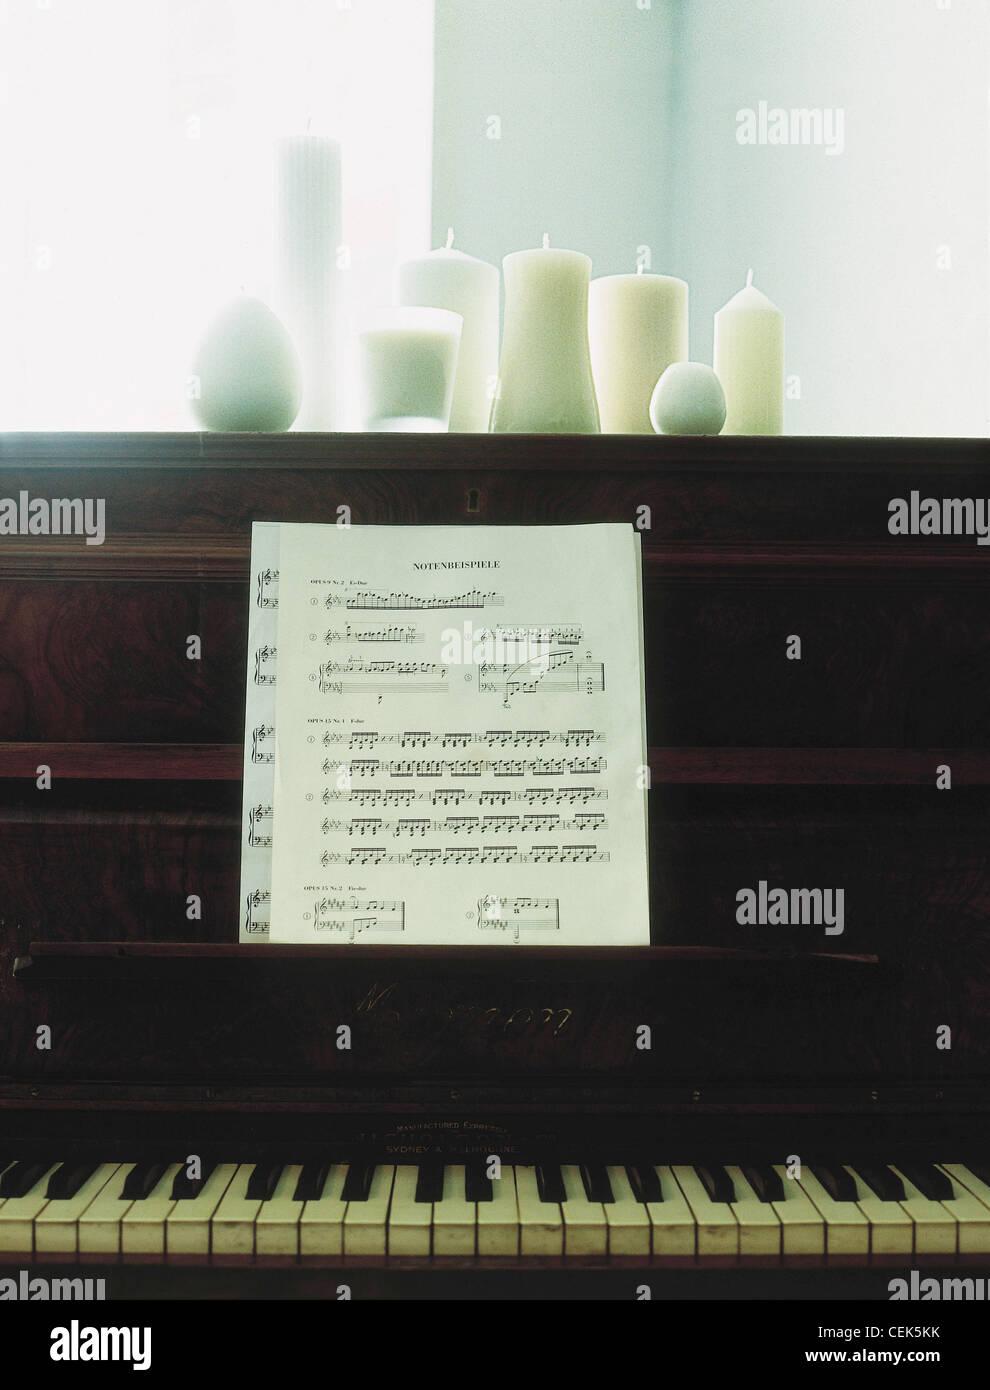 Piano Sheet Music Stock Photos & Piano Sheet Music Stock